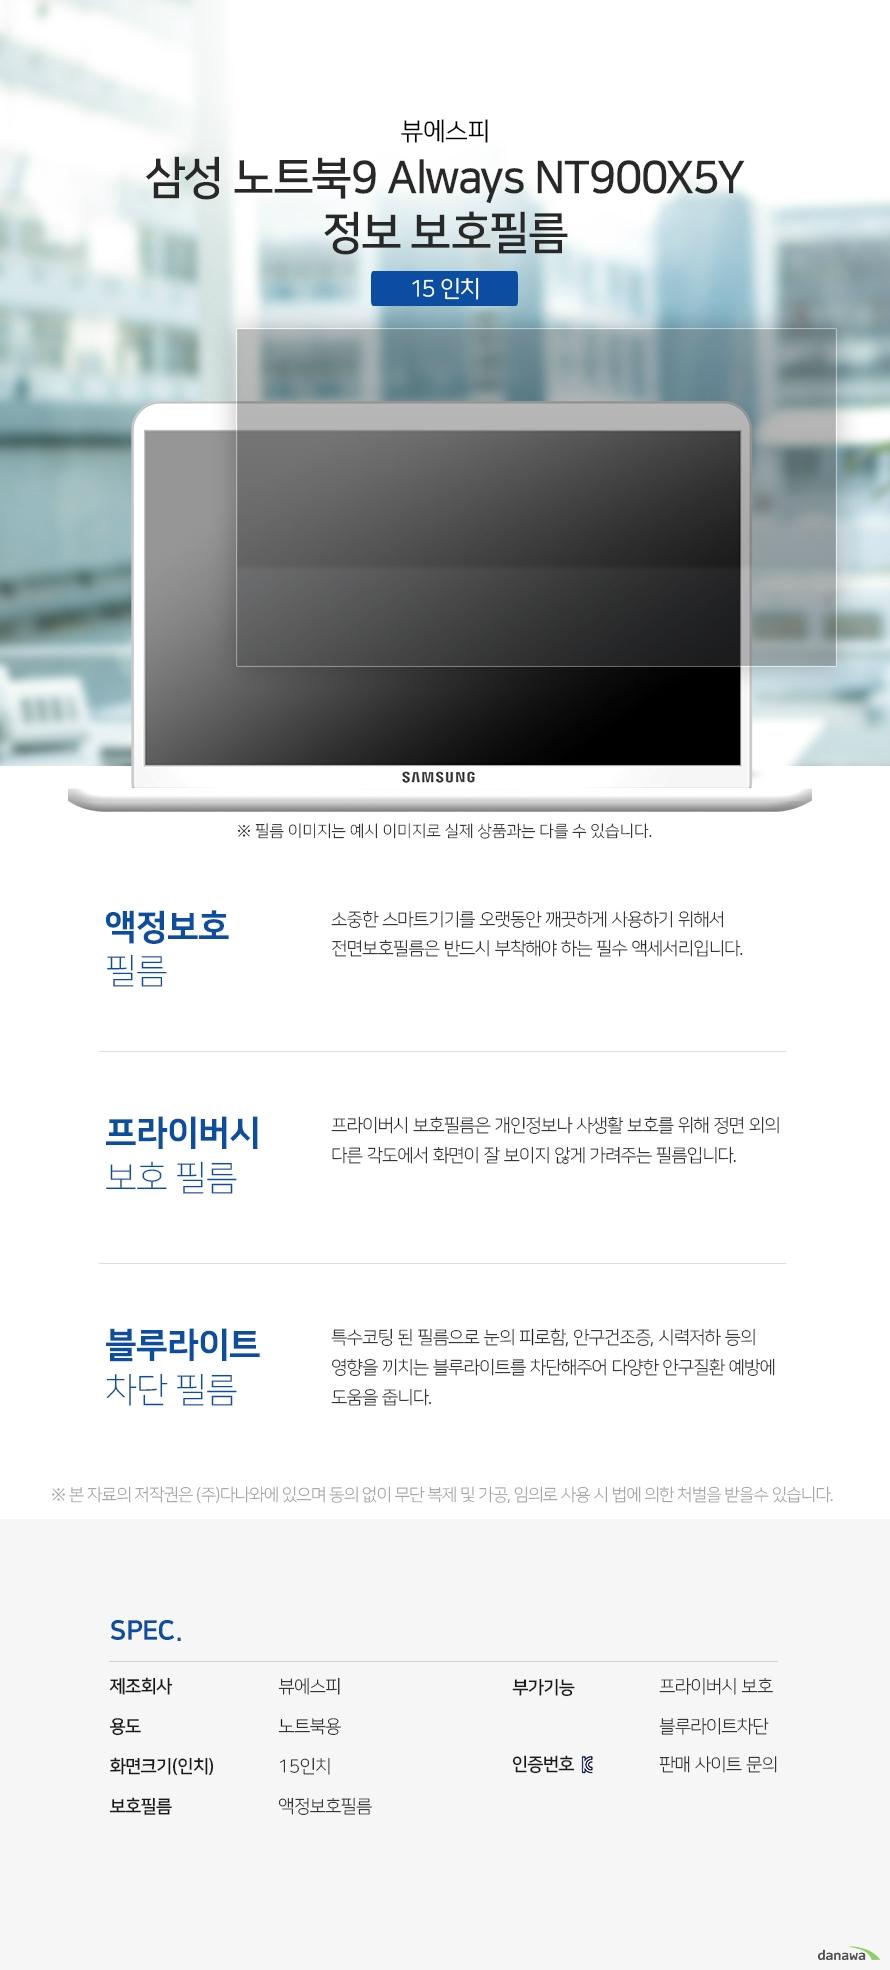 뷰에스피 삼성 노트북9 Always NT900X5Y 정보 보호필름 상세 스펙 액정보호용품 / 노트북용 / 액정보호필름 / 15인치 / Privacy보호 / 블루라이트차단